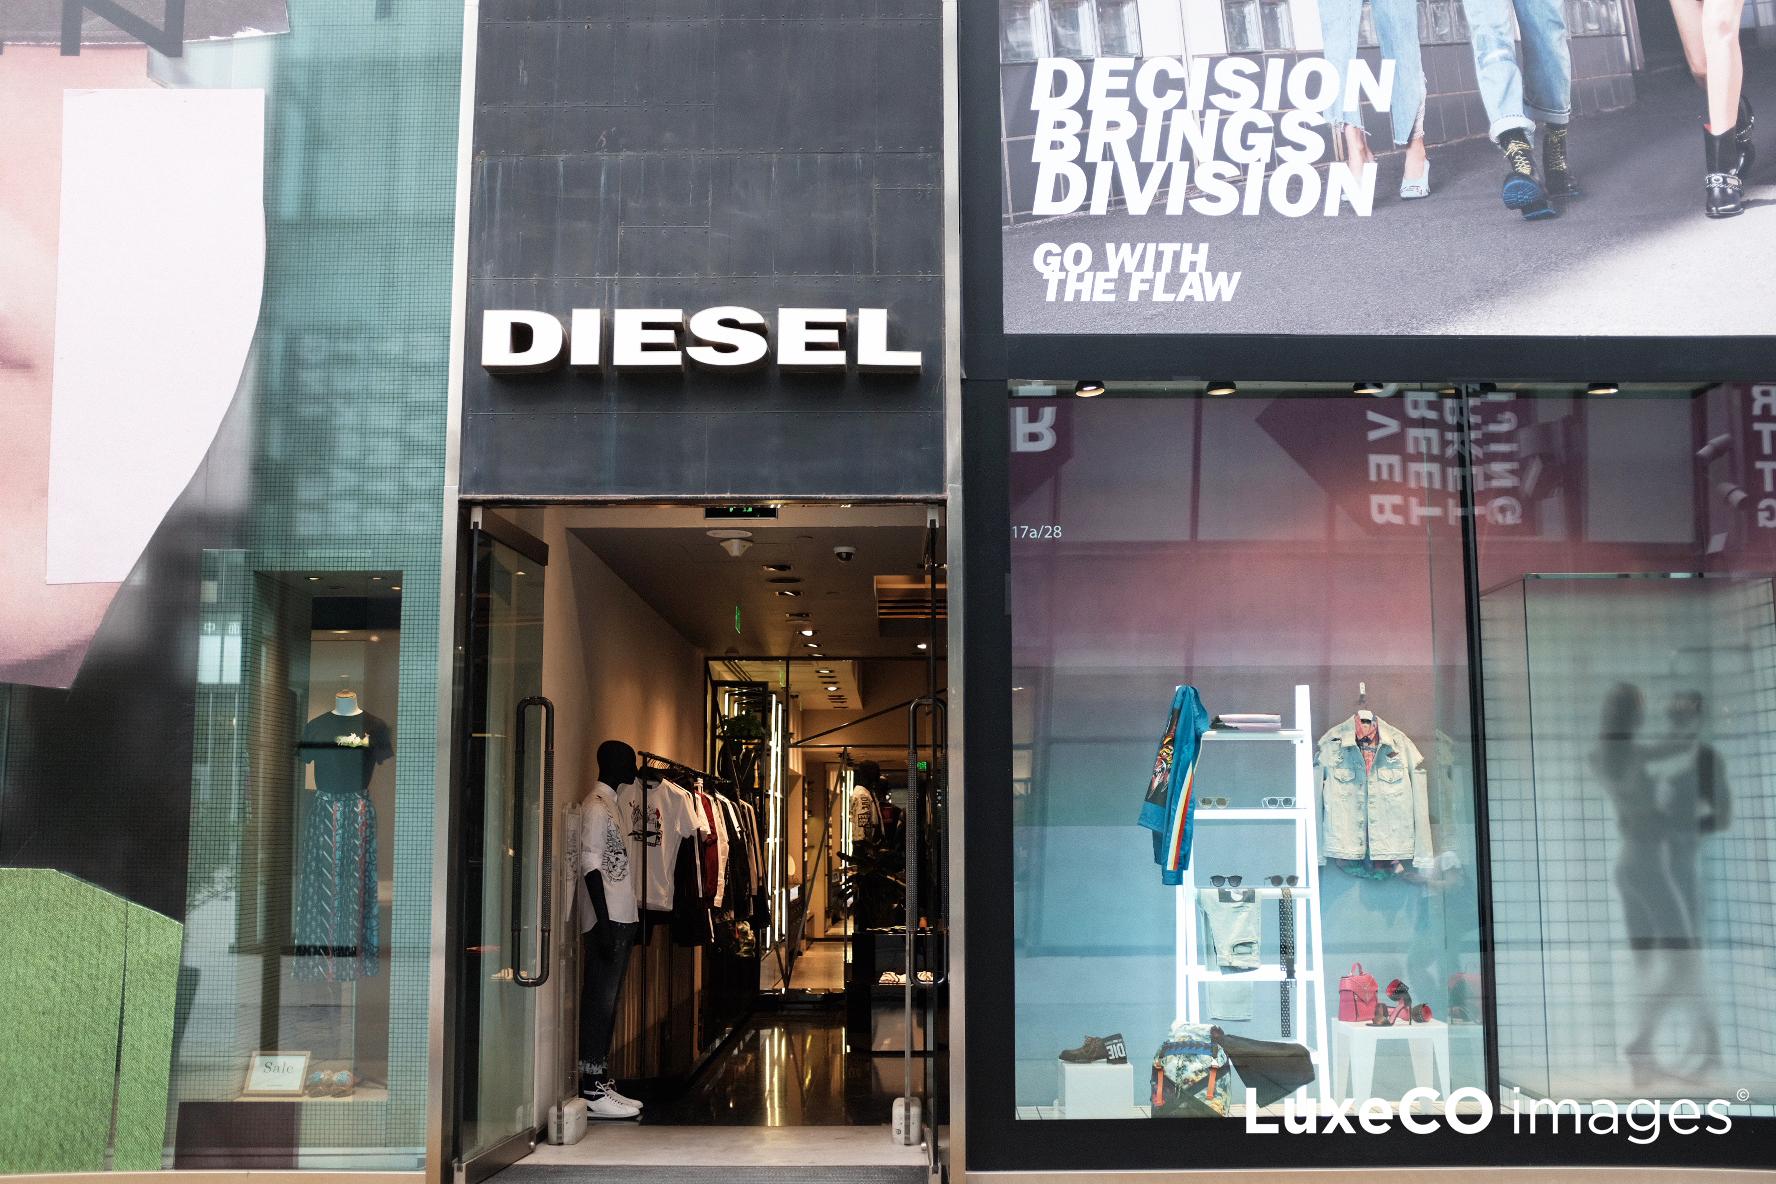 意大利高端牛仔品牌 Diesel 旗下的美国公司申请破产保护,同时公布品牌重整计划